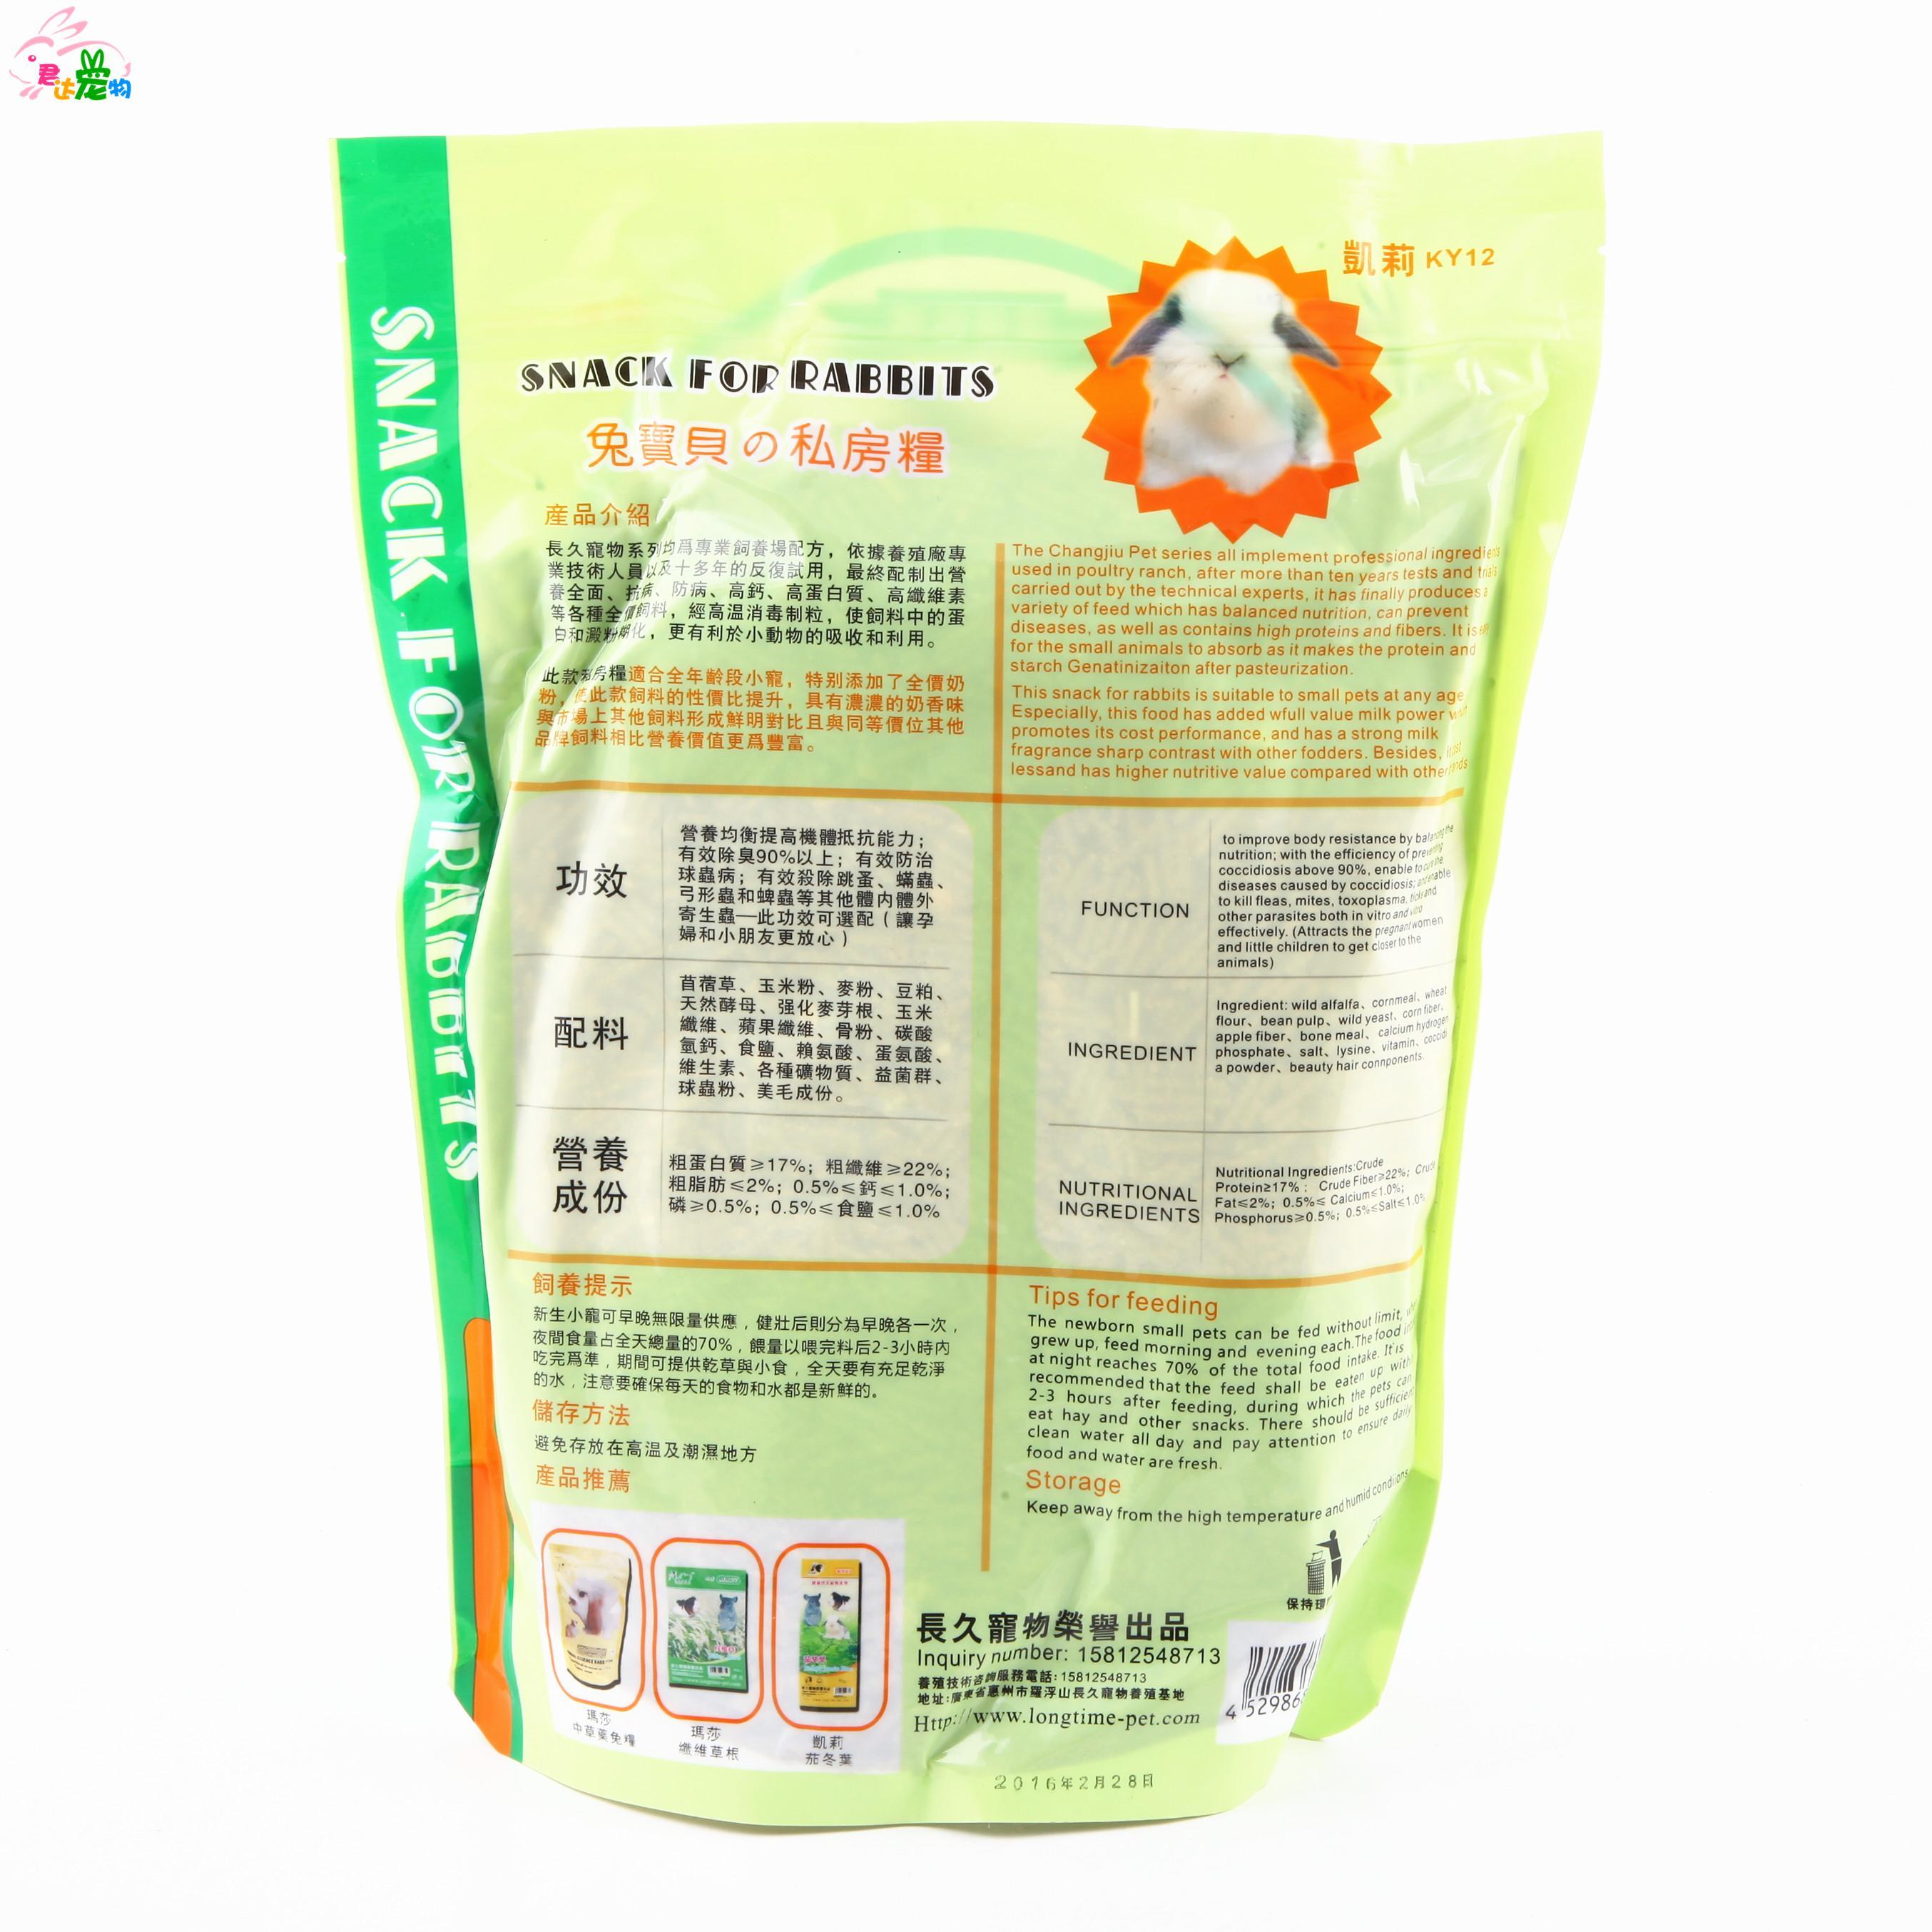 KERRY凱莉私房兔糧^(全年段齡^) 2.5kg原味版 全國包郵多省